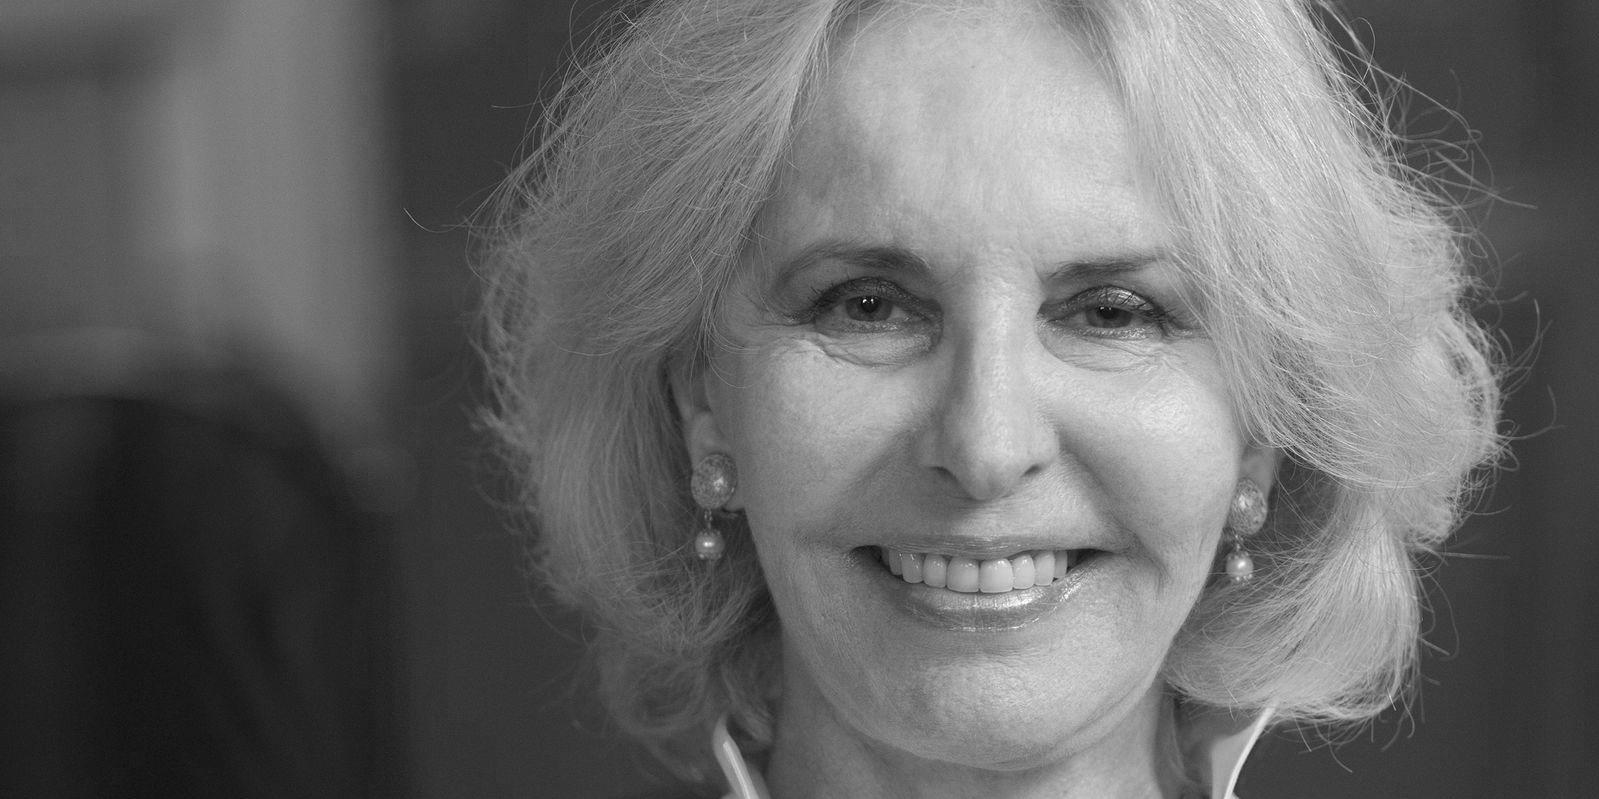 Sally Quinn - Washington Post journalist, columnist, television commentator